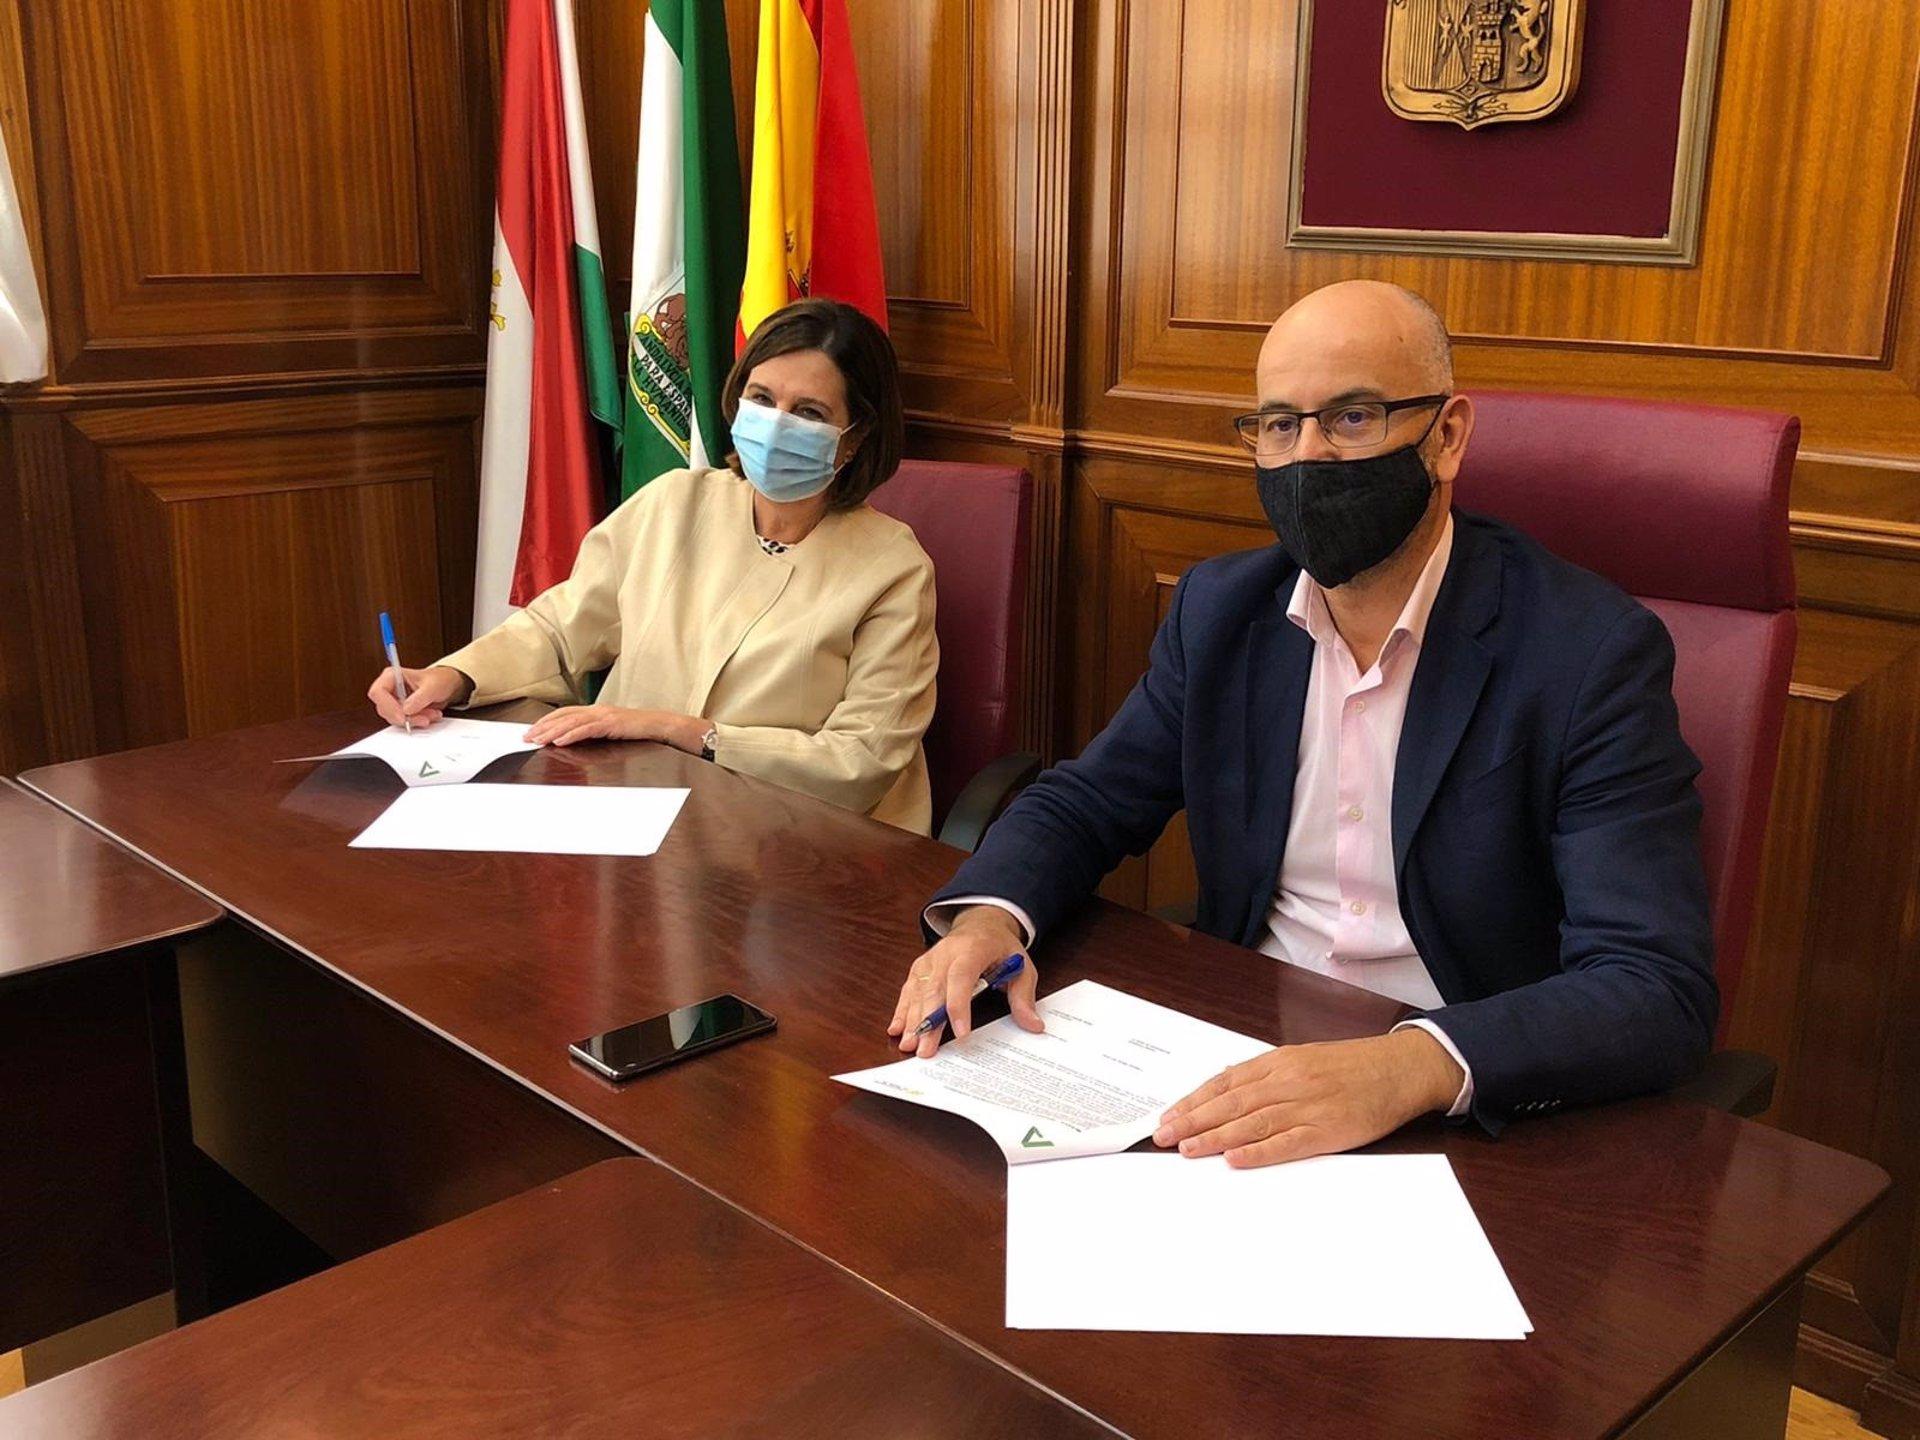 Convenio entre el Ayuntamiento de Santa Fe y Salud para mejorar la atención Sanitaria del Municipio